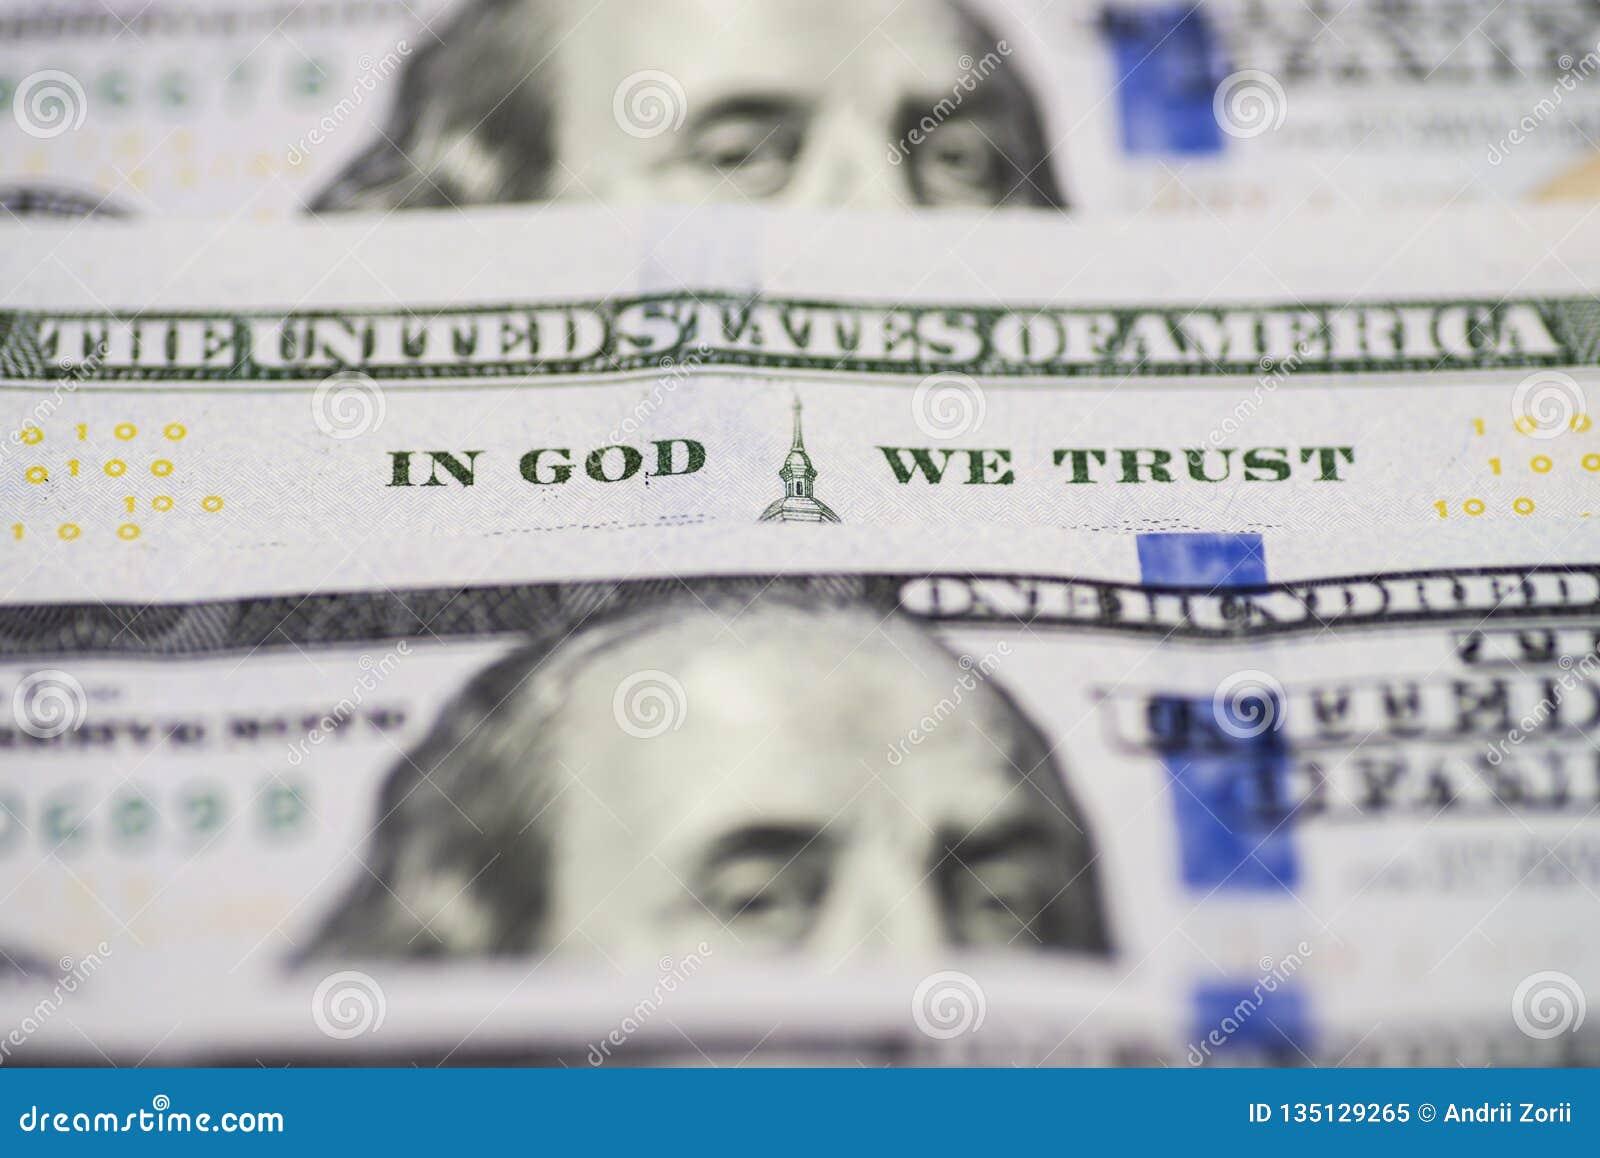 Много 100 банкнот счетов доллара США В боге мы доверяем Билл 100 долларов США фразы крупного плана в боге мы доверие